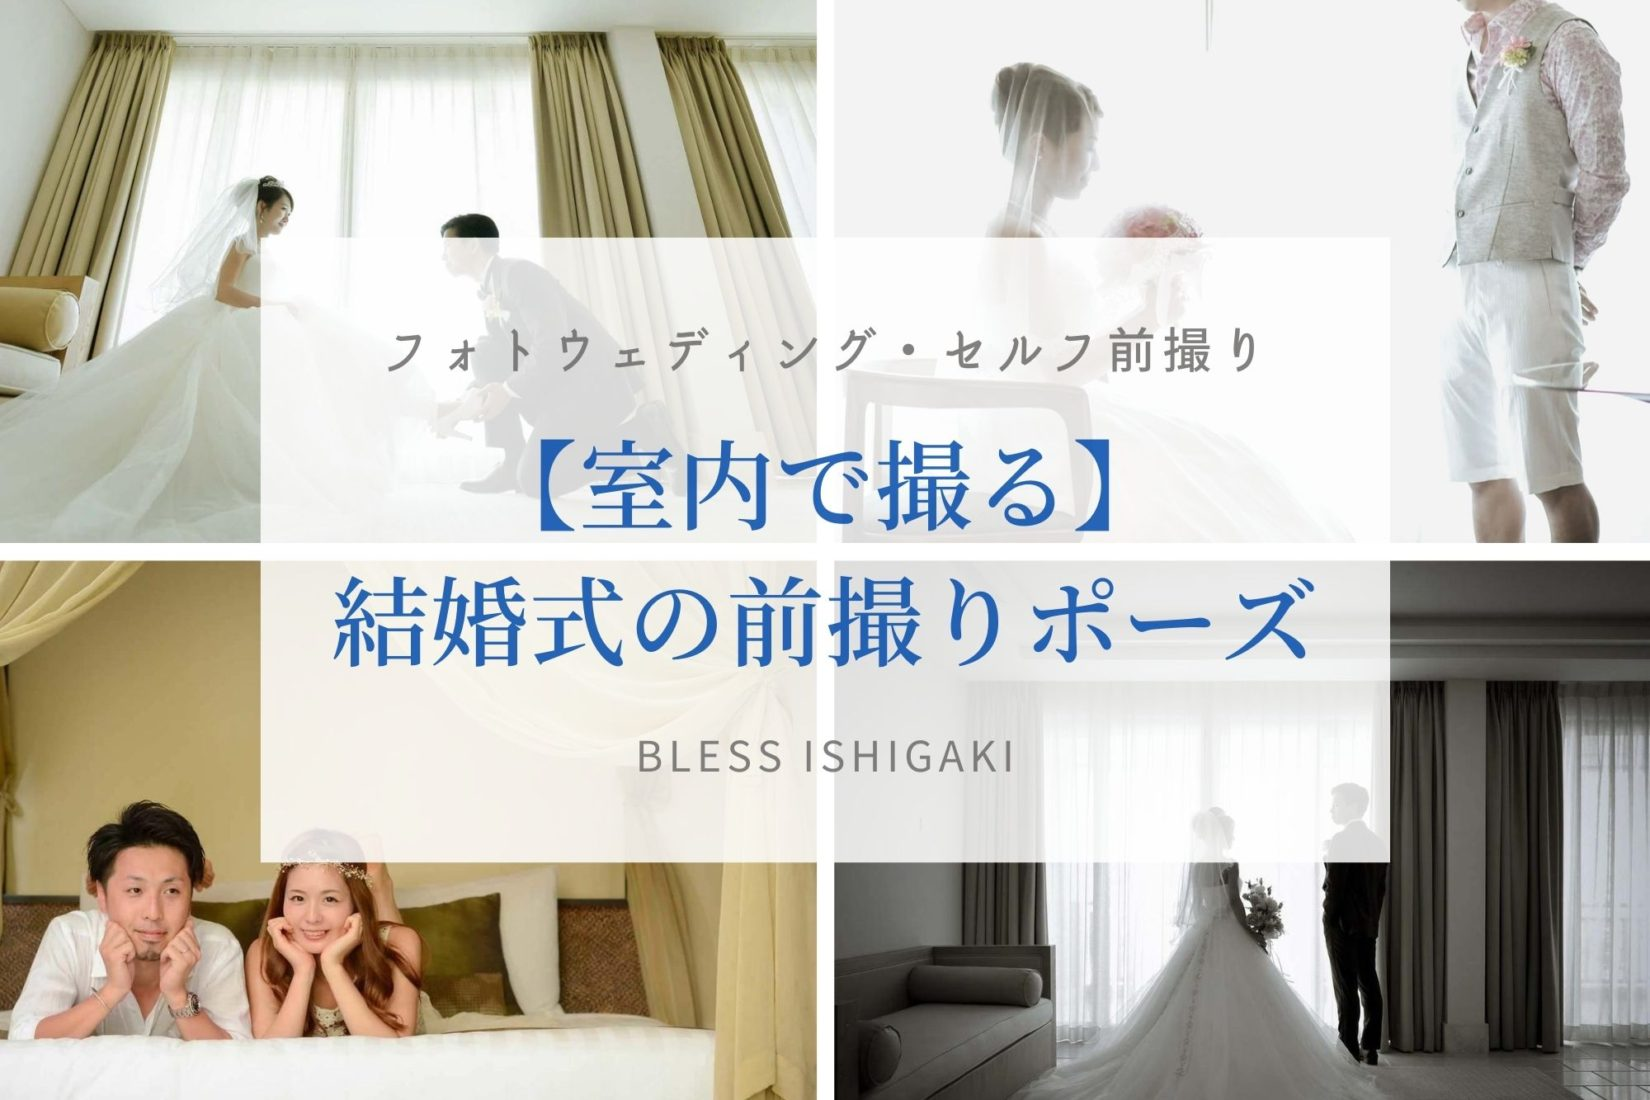 【2021年】室内で撮ろう!結婚式の前撮りポーズまとめ(写真27枚)